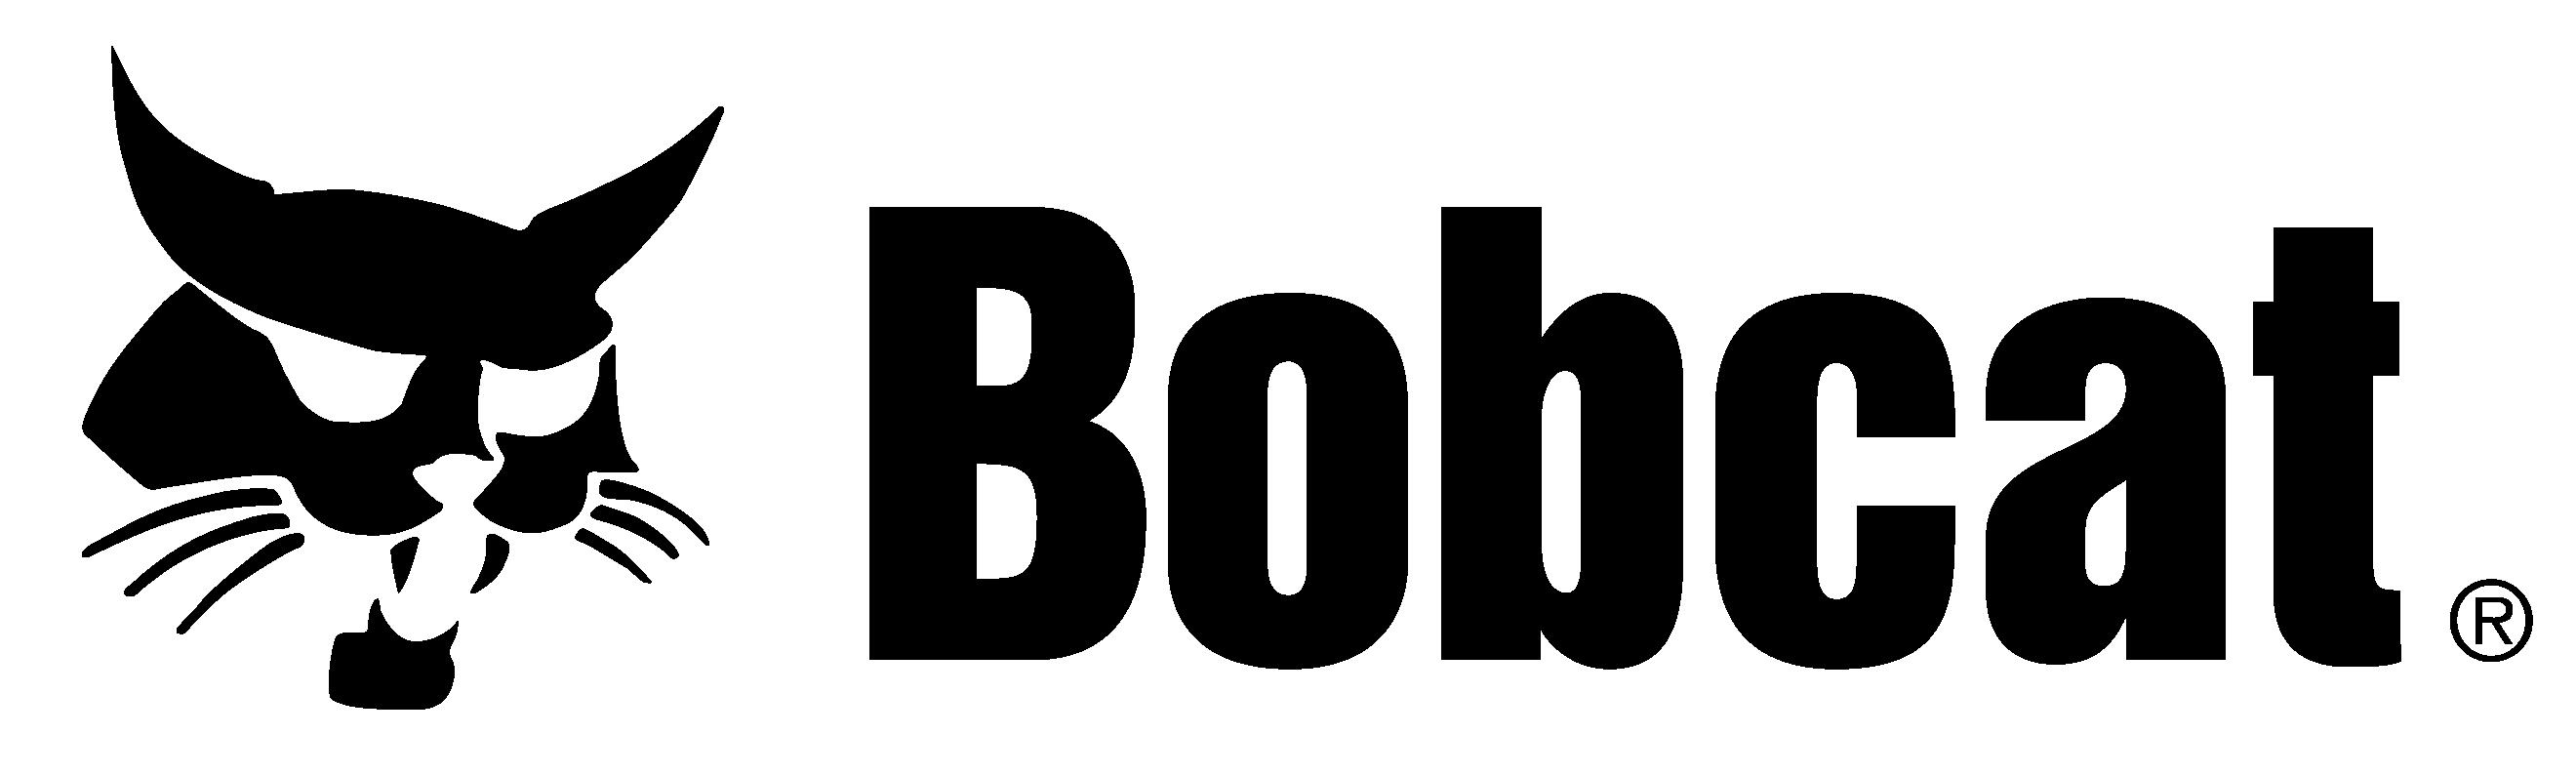 Официальный дистрибьютор Bobcat